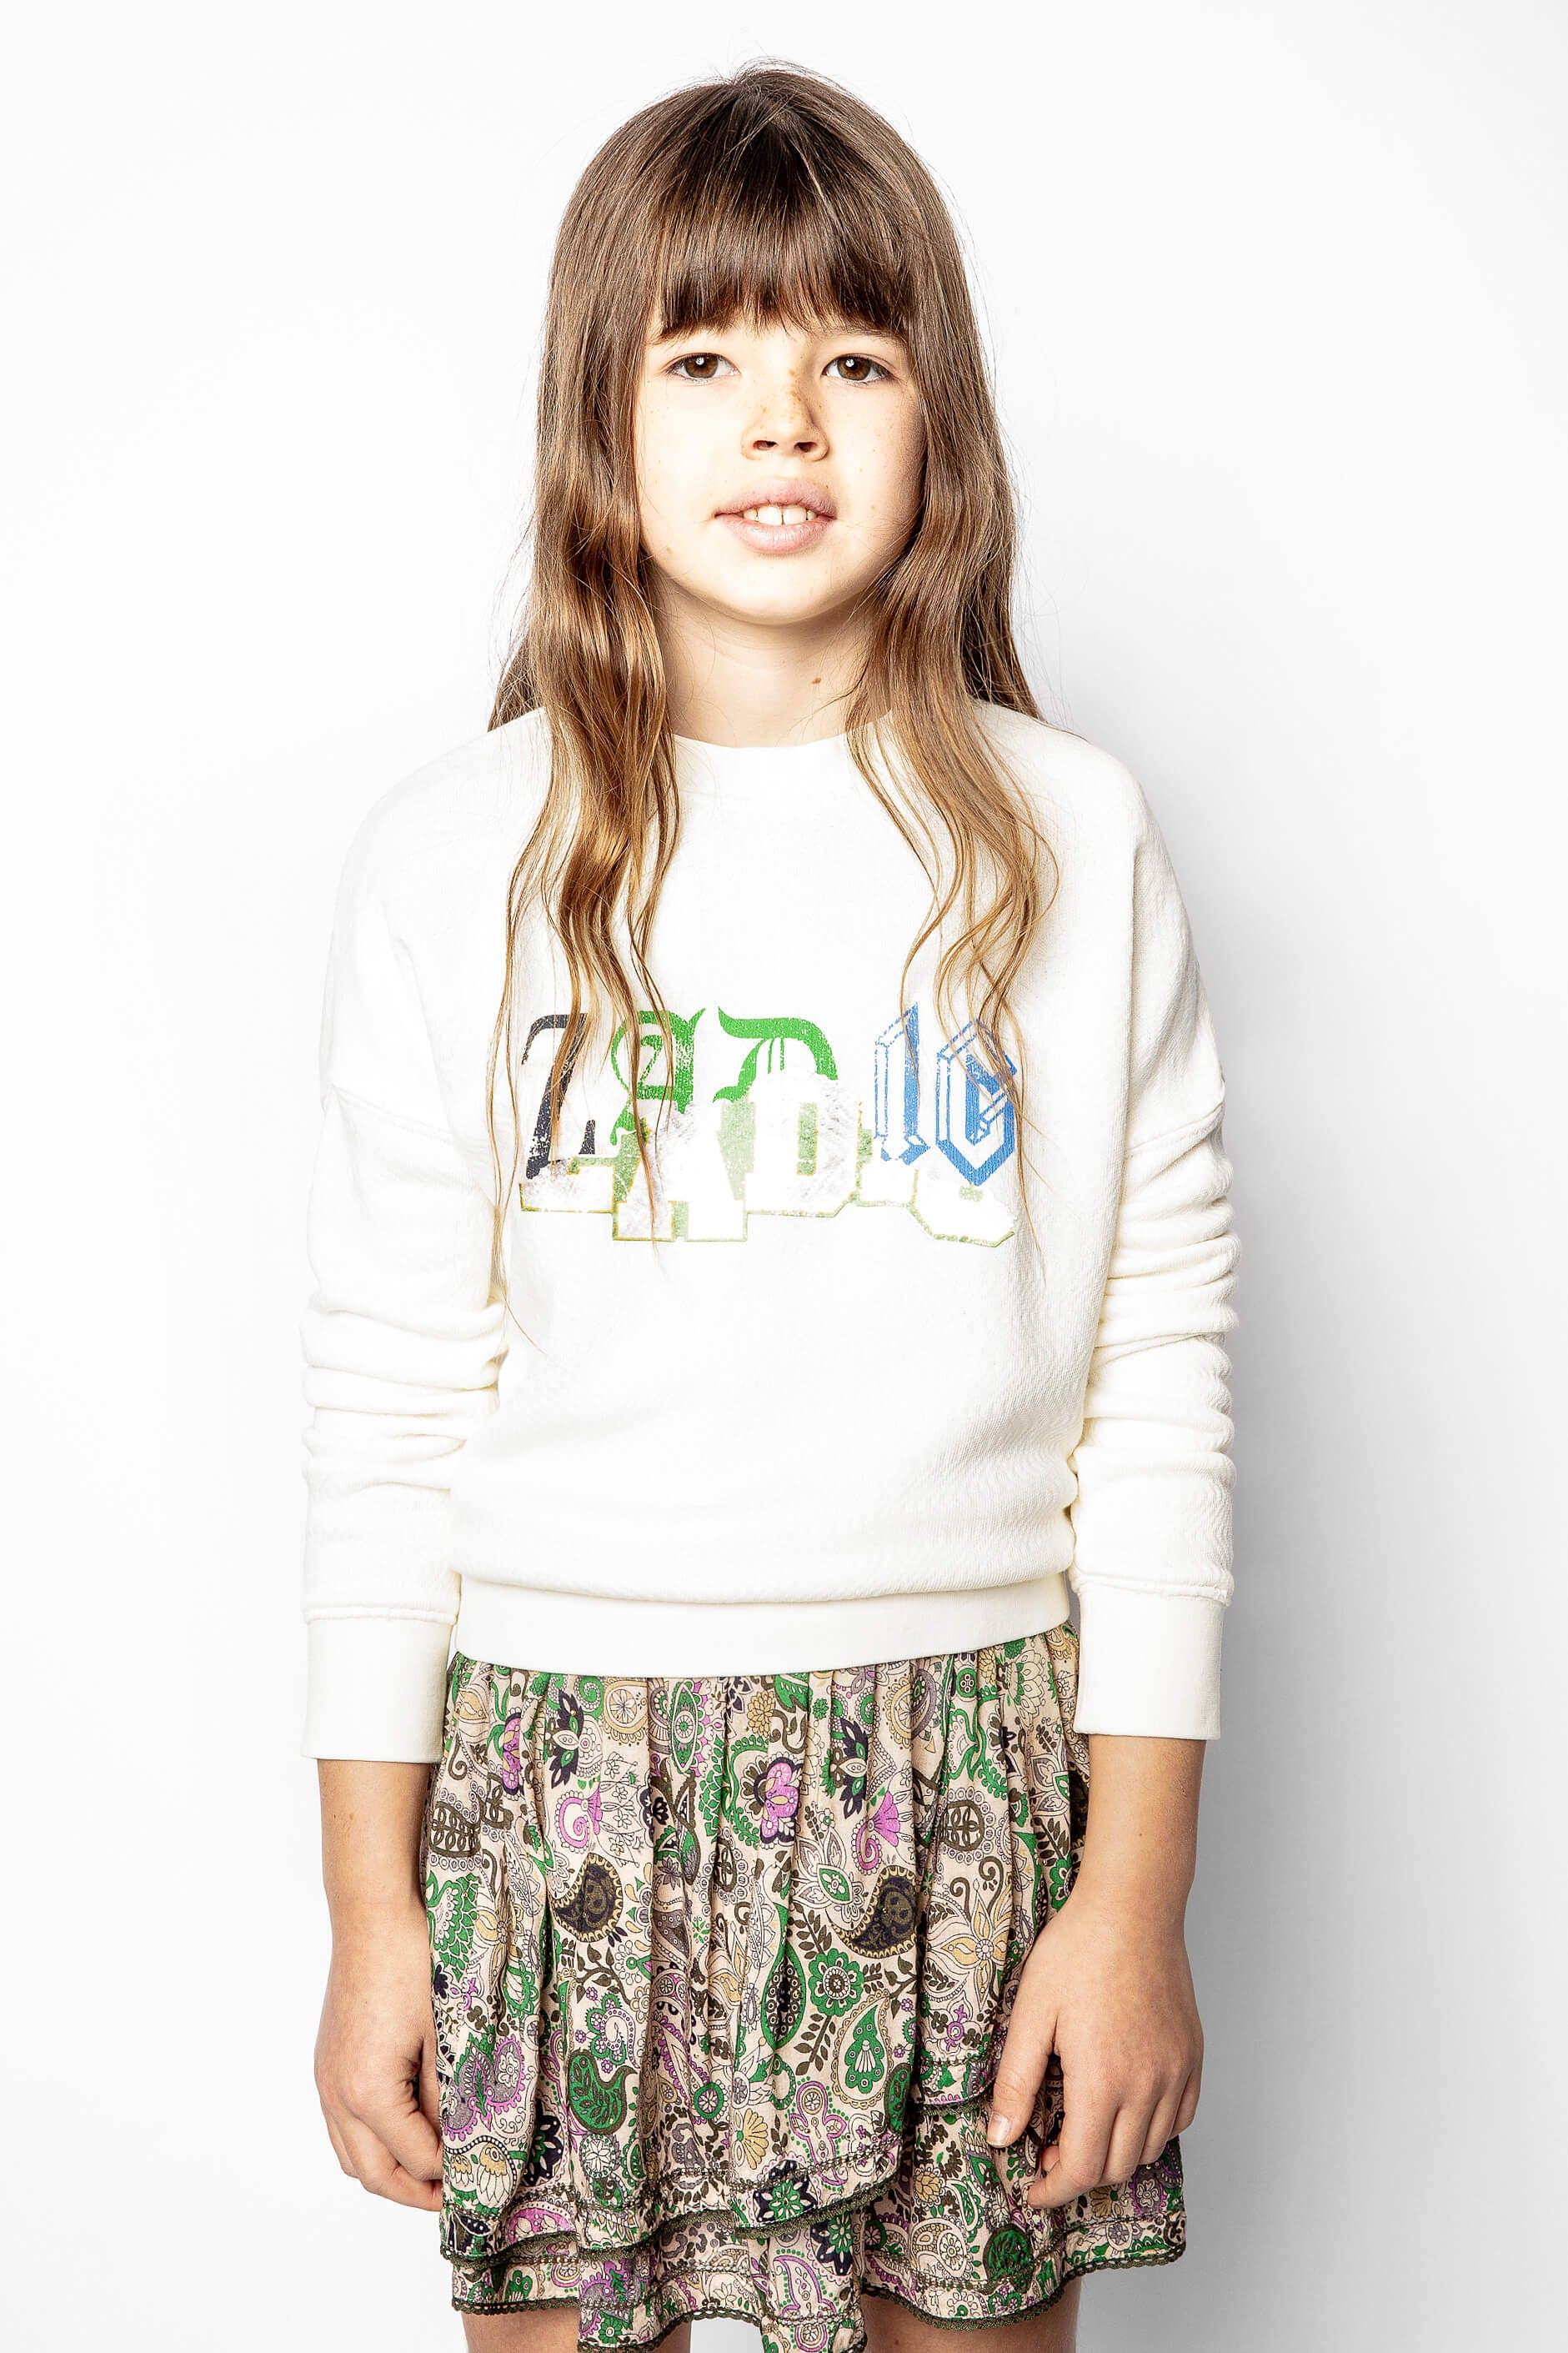 쟈딕 앤 볼테르 키즈 맨투맨 Zadig & Voltaire Childs Hailey Sweatshirt,NUDE